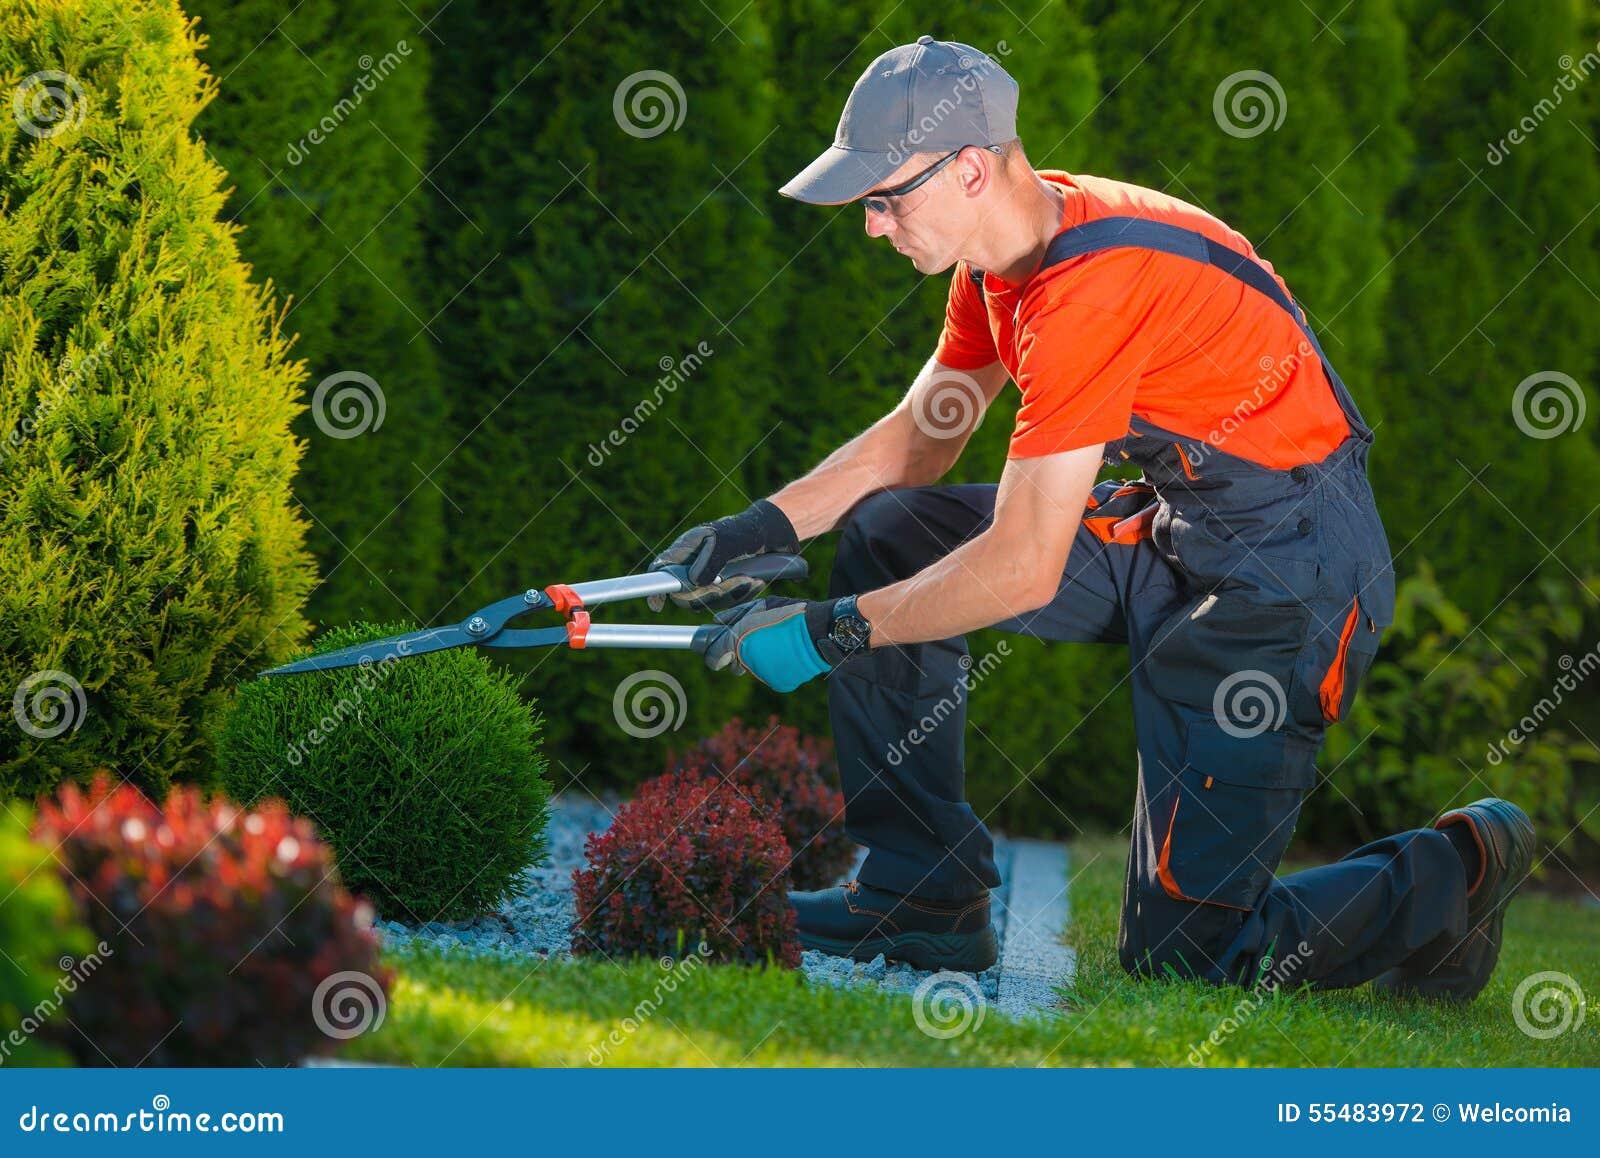 jardinero profesional en el trabajo foto de archivo ForTrabajo Jardinero